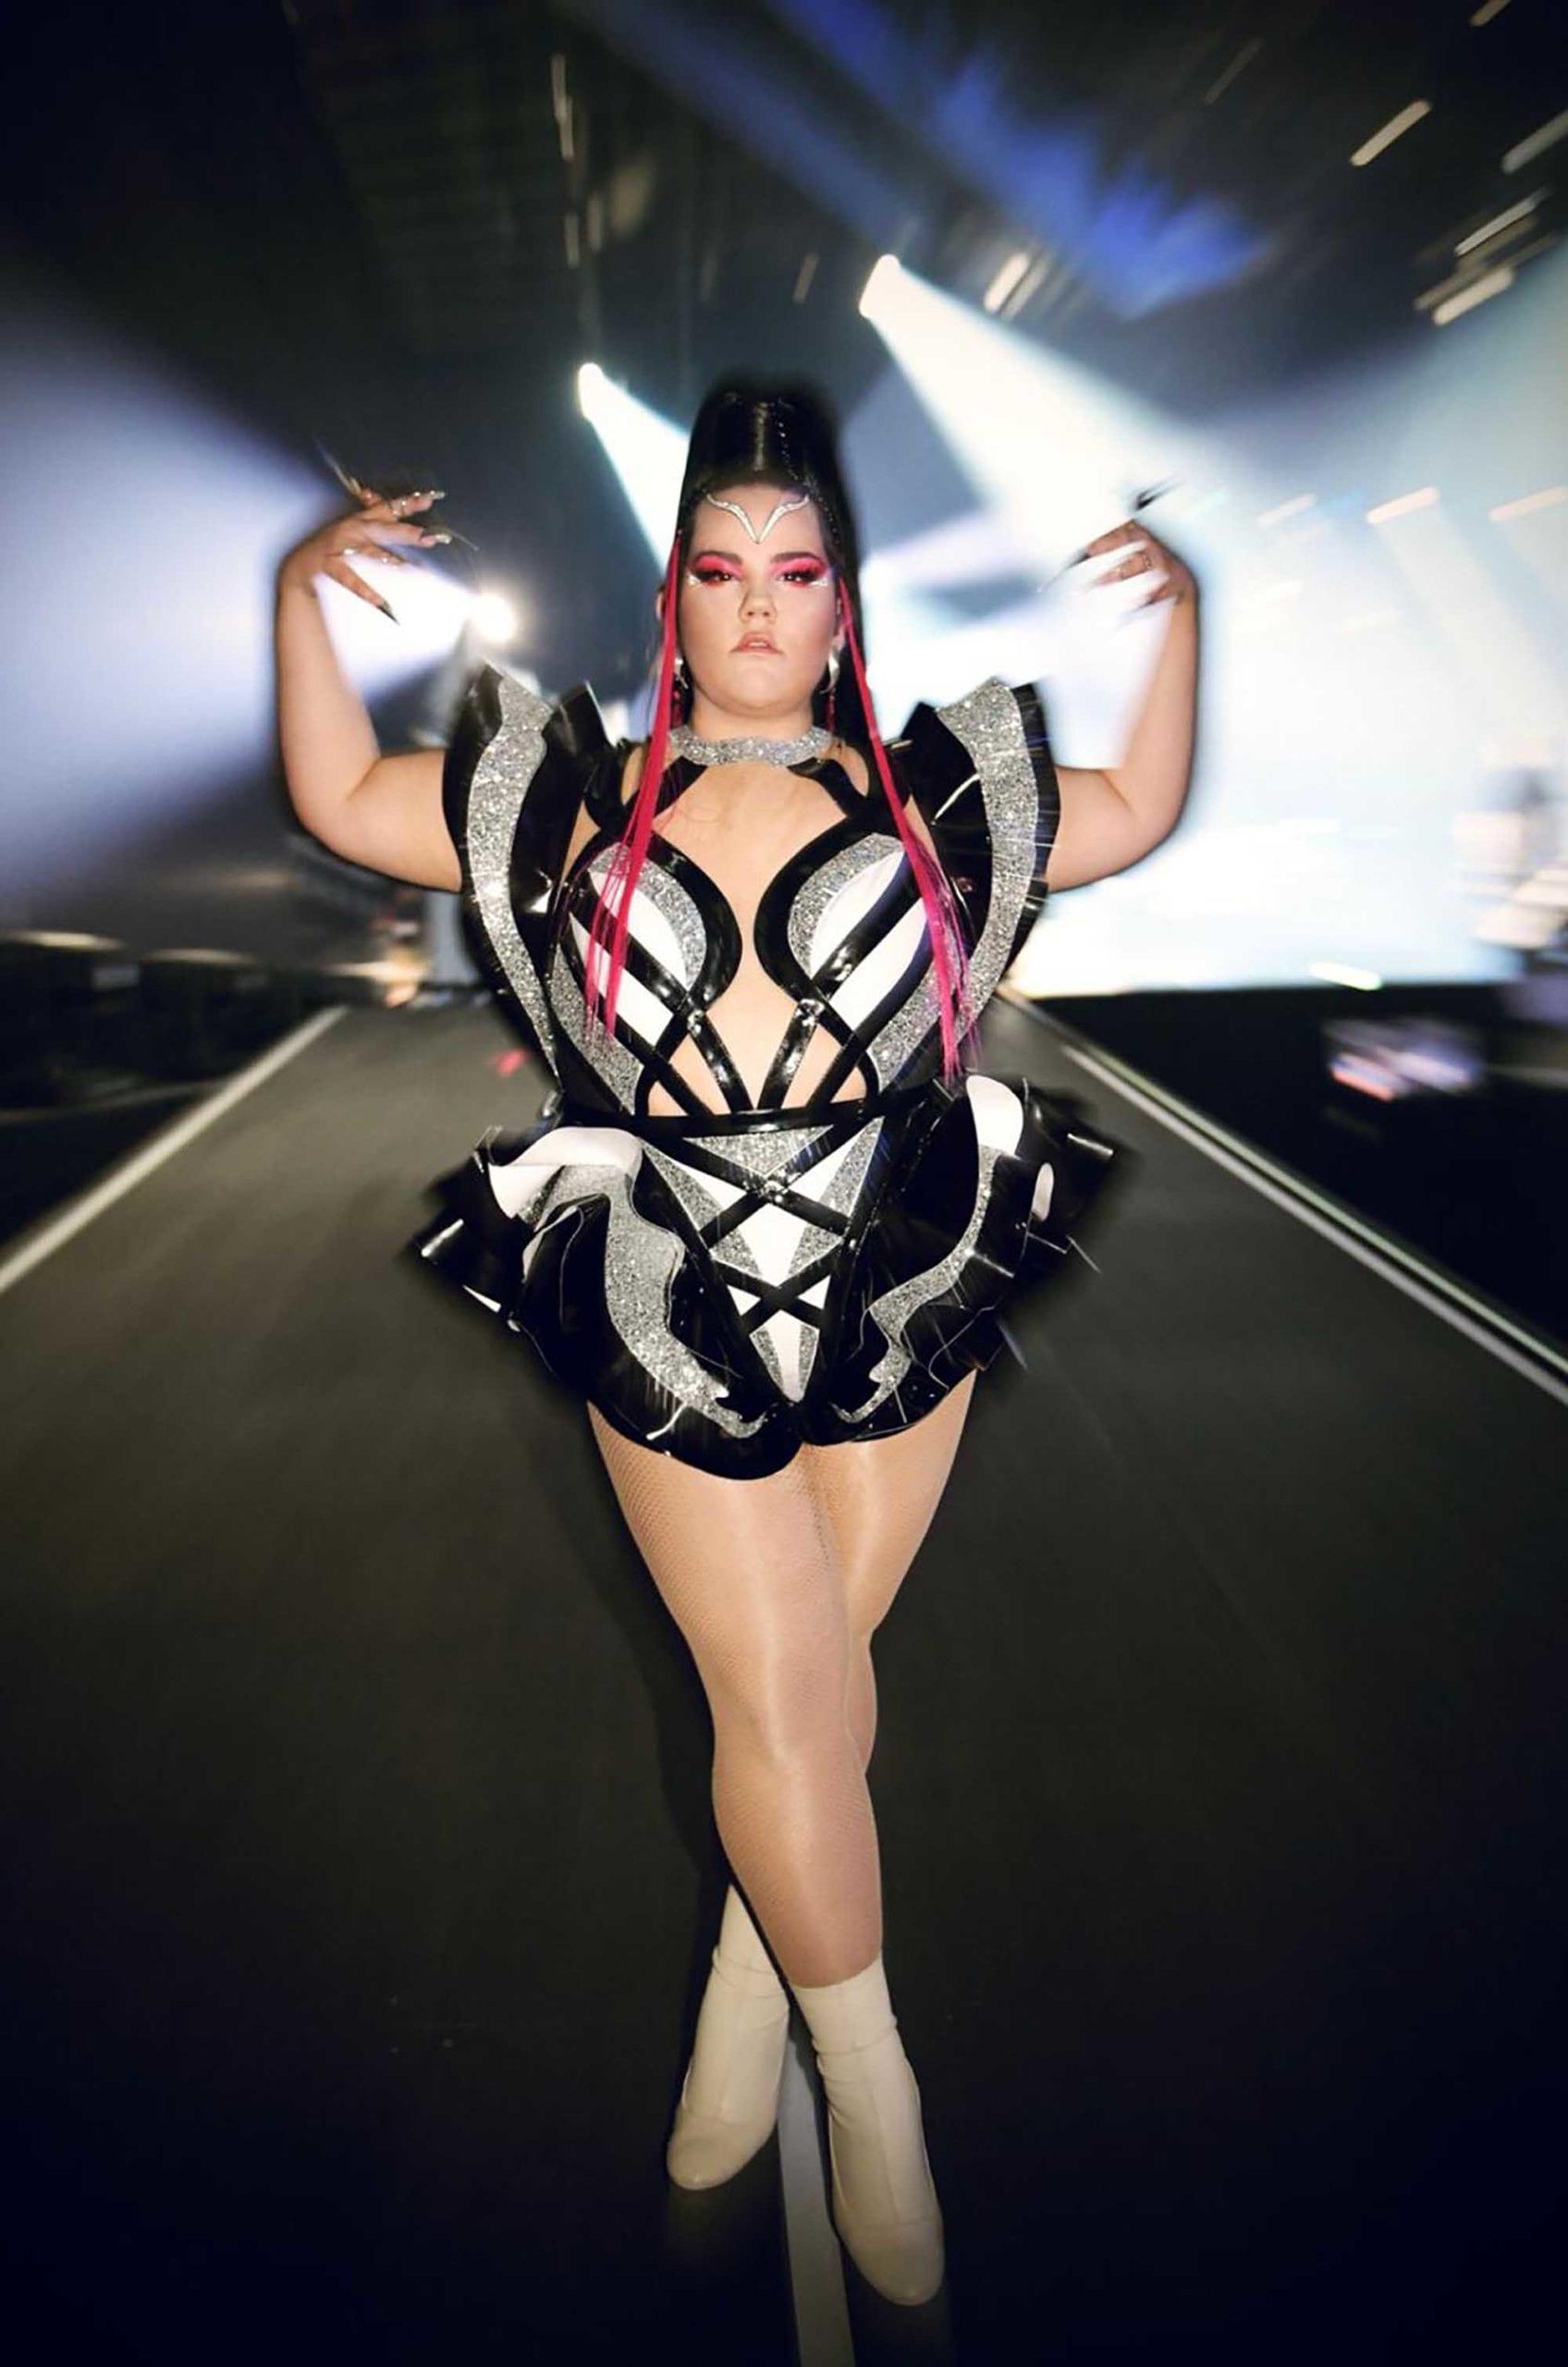 נטע ברזילי בשמלה של אלון ליבנה באירוויזיון 2019, צילום ערן לוי, מגזין אופנה